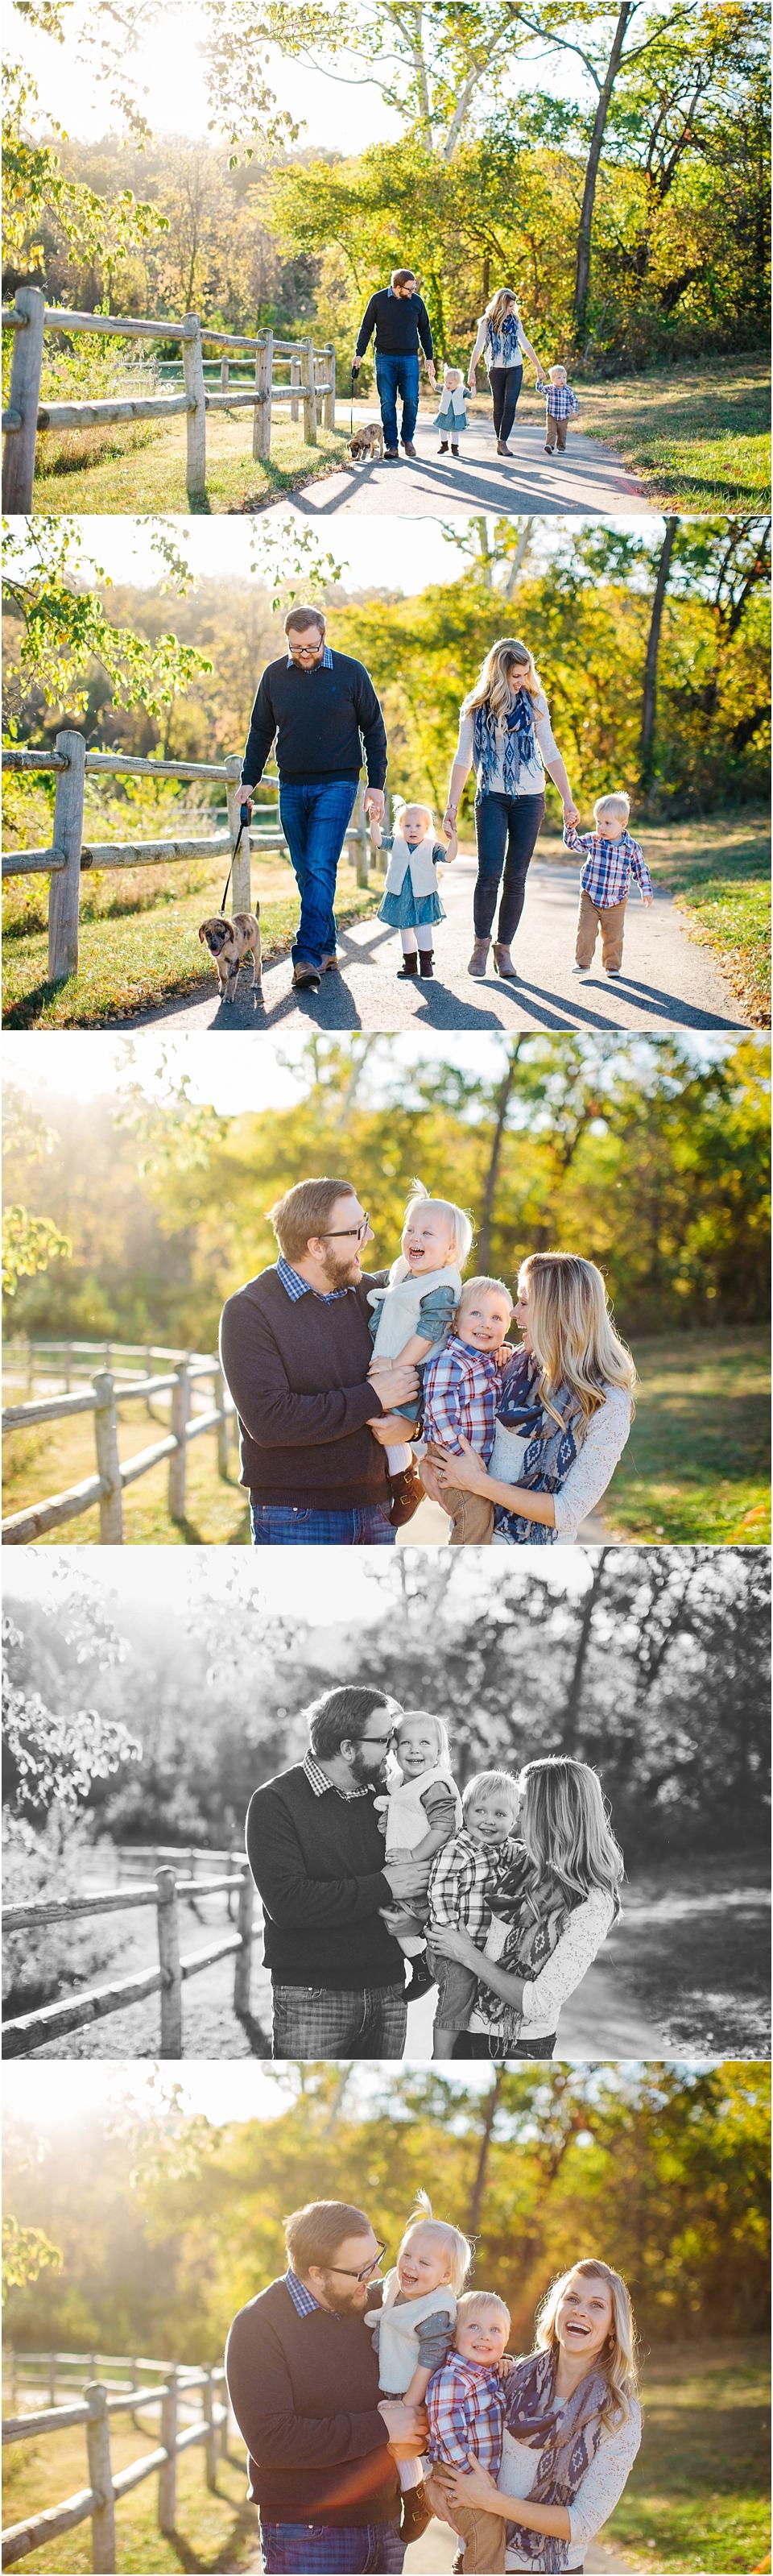 kansascitybestfamilyphotographer_0104